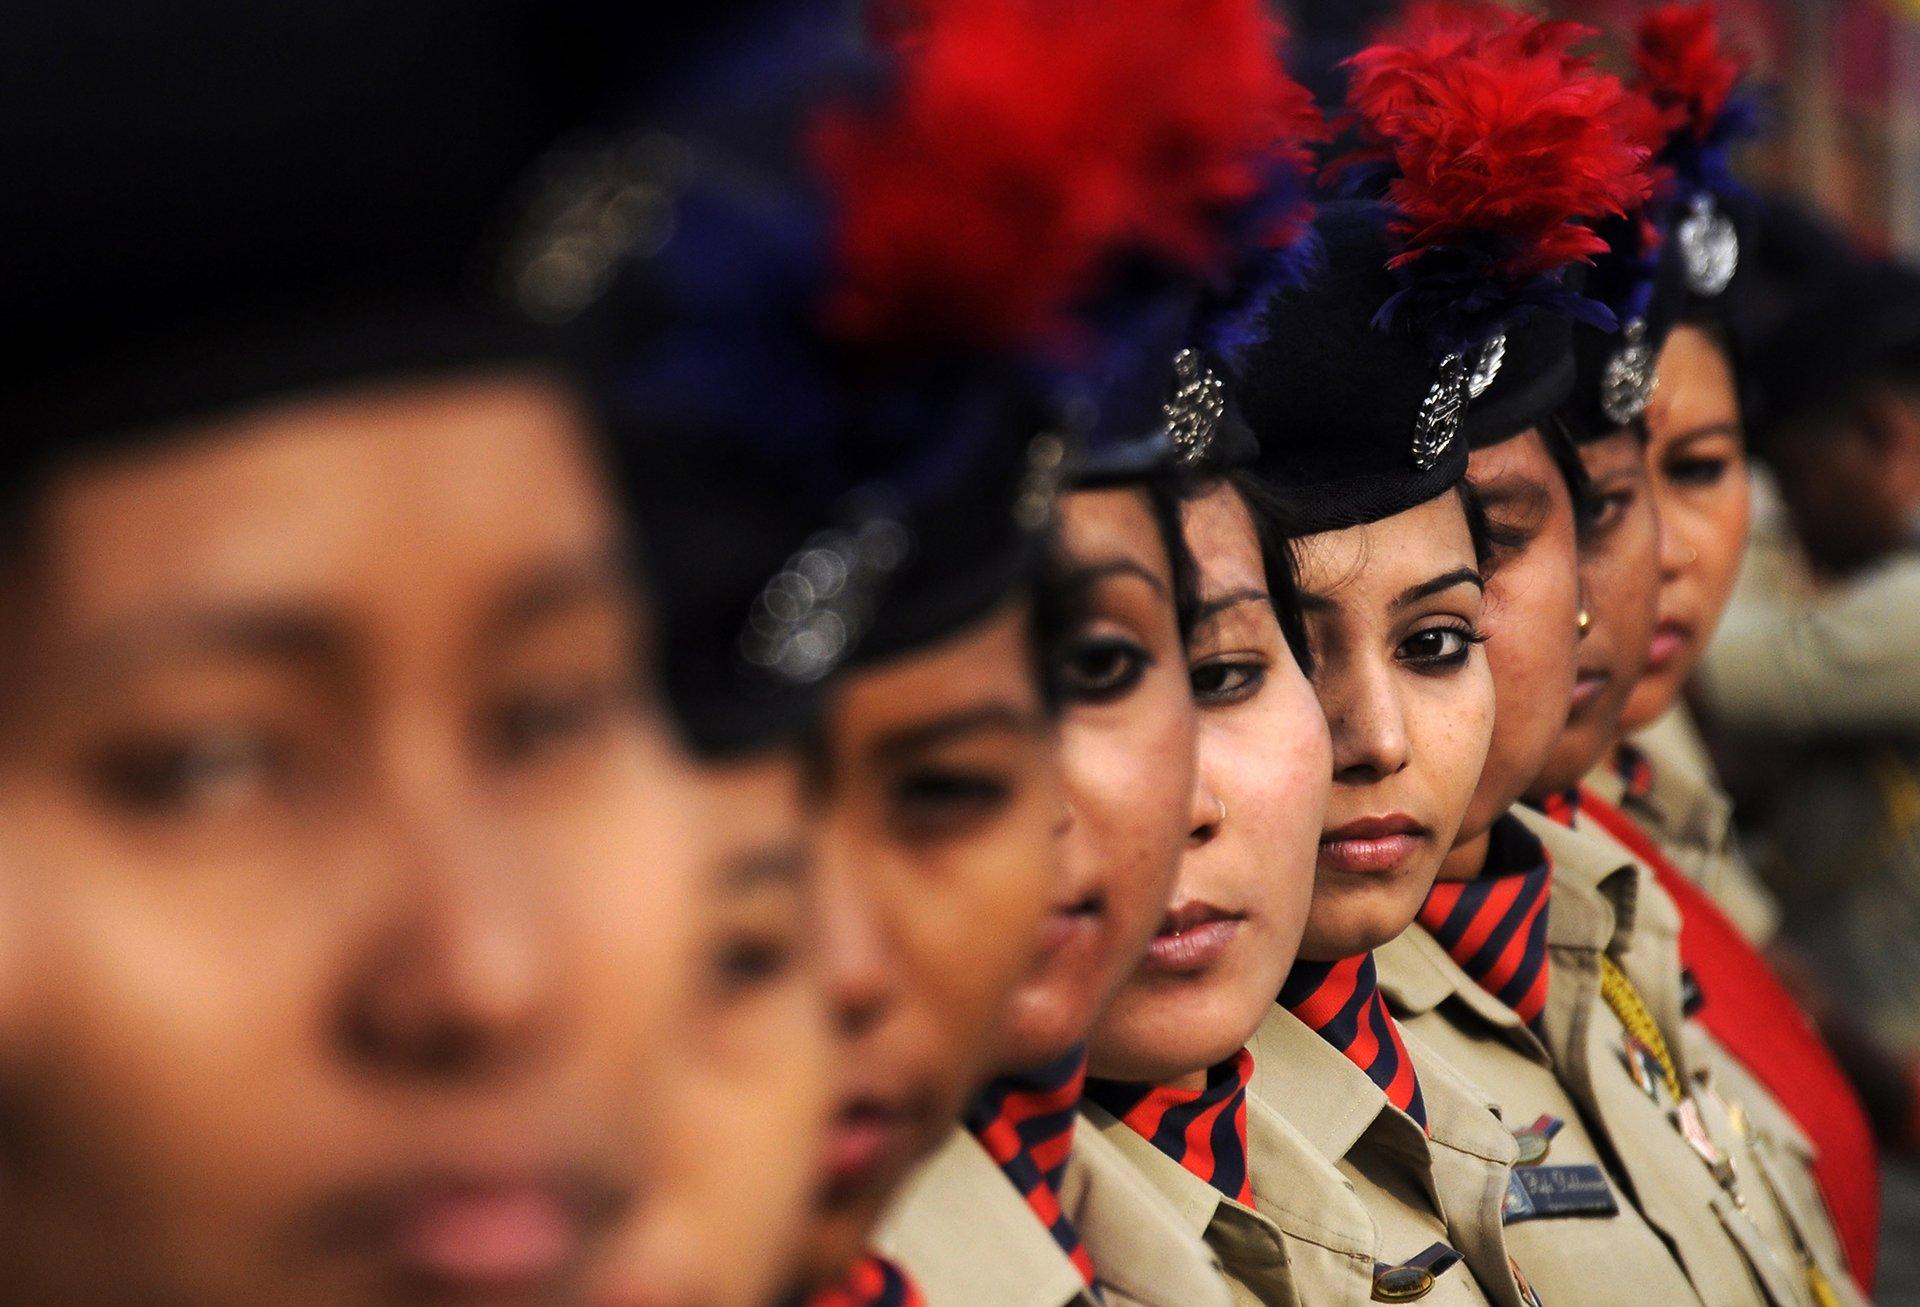 El personal militar femenino de la India a punto de participar en un desfile en Agartala, India